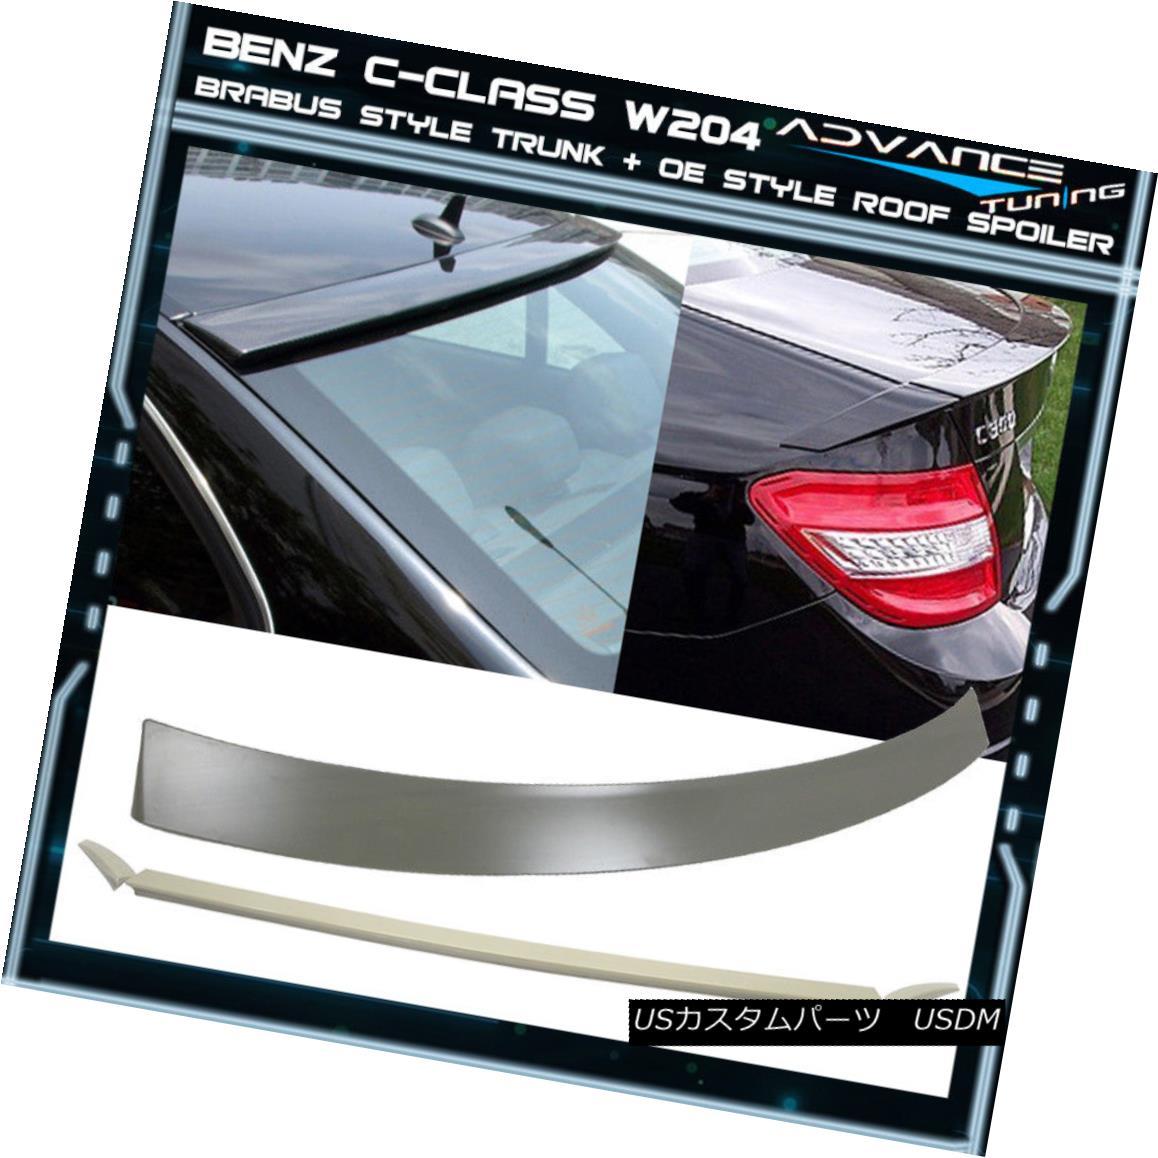 エアロパーツ 08-14 BENZ C Class W204 4Dr B Type Trunk + OE Style Roof Spoiler Unpainted ABS 08-14ベンツCクラスW204 4Dr Bタイプトランク+ OEスタイルルーフスポイラー無塗装ABS